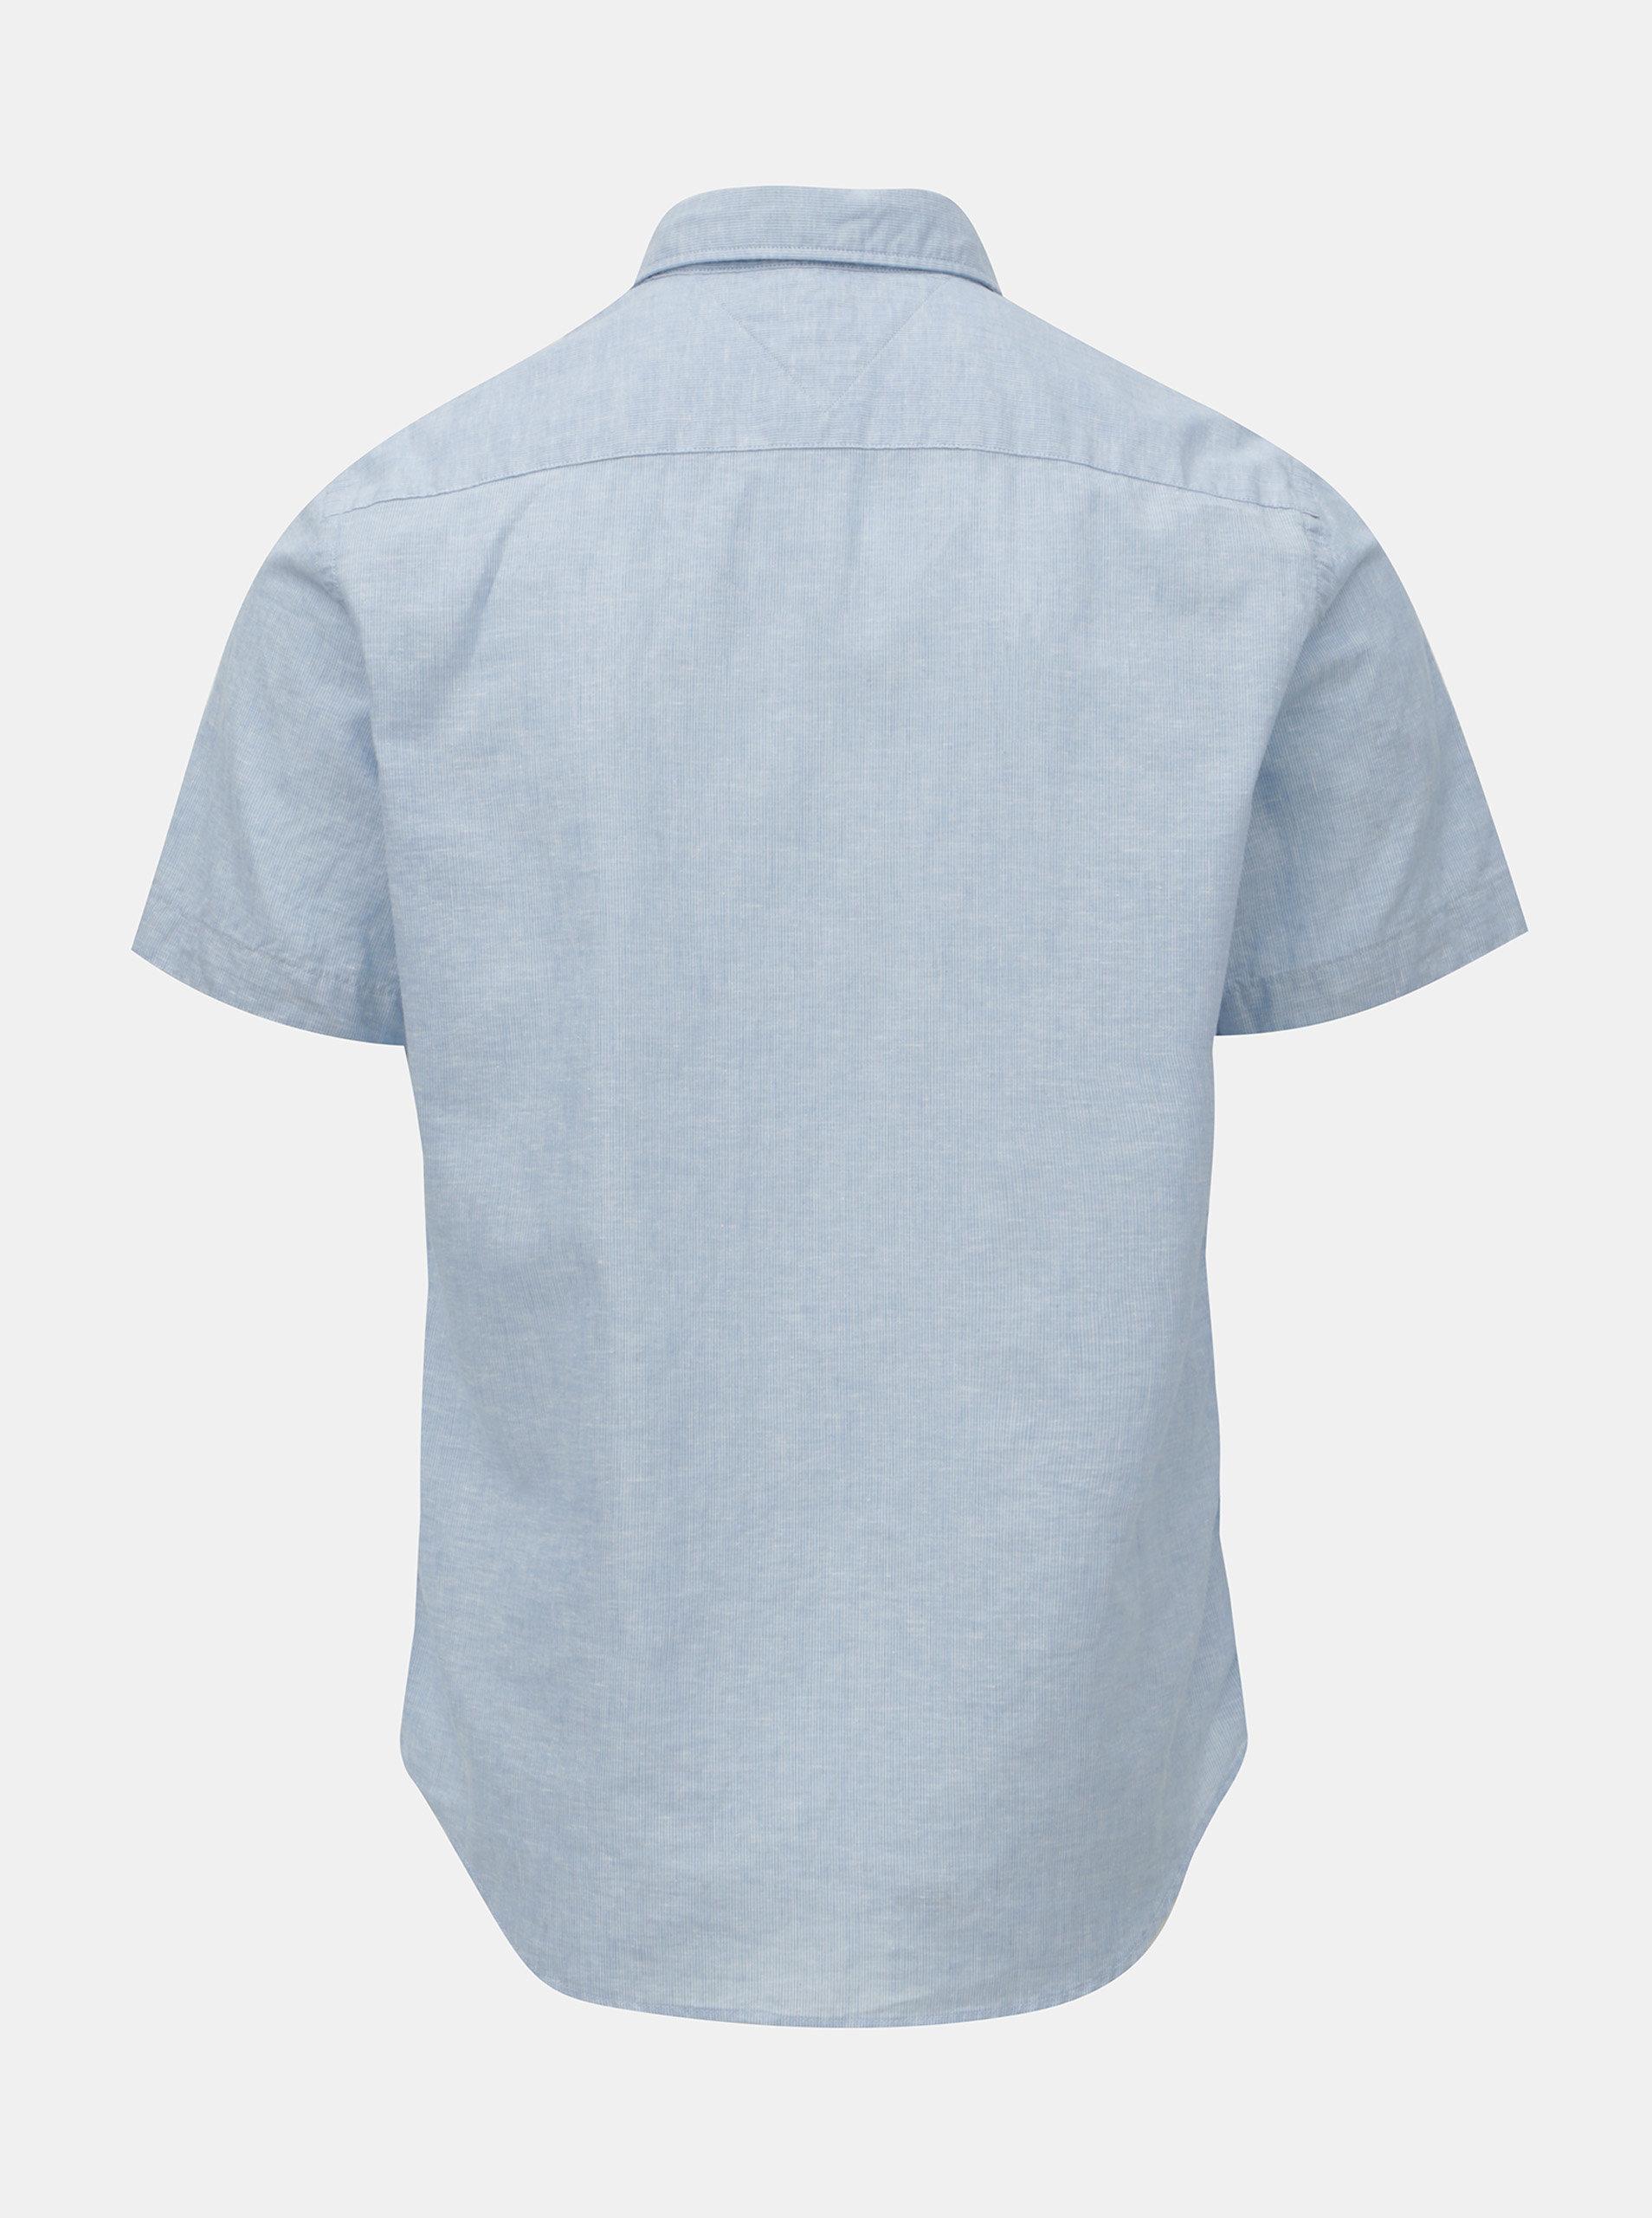 Modrá pánská košile s příměsí lnu Tommy Hilfiger ... b49ee7ec09